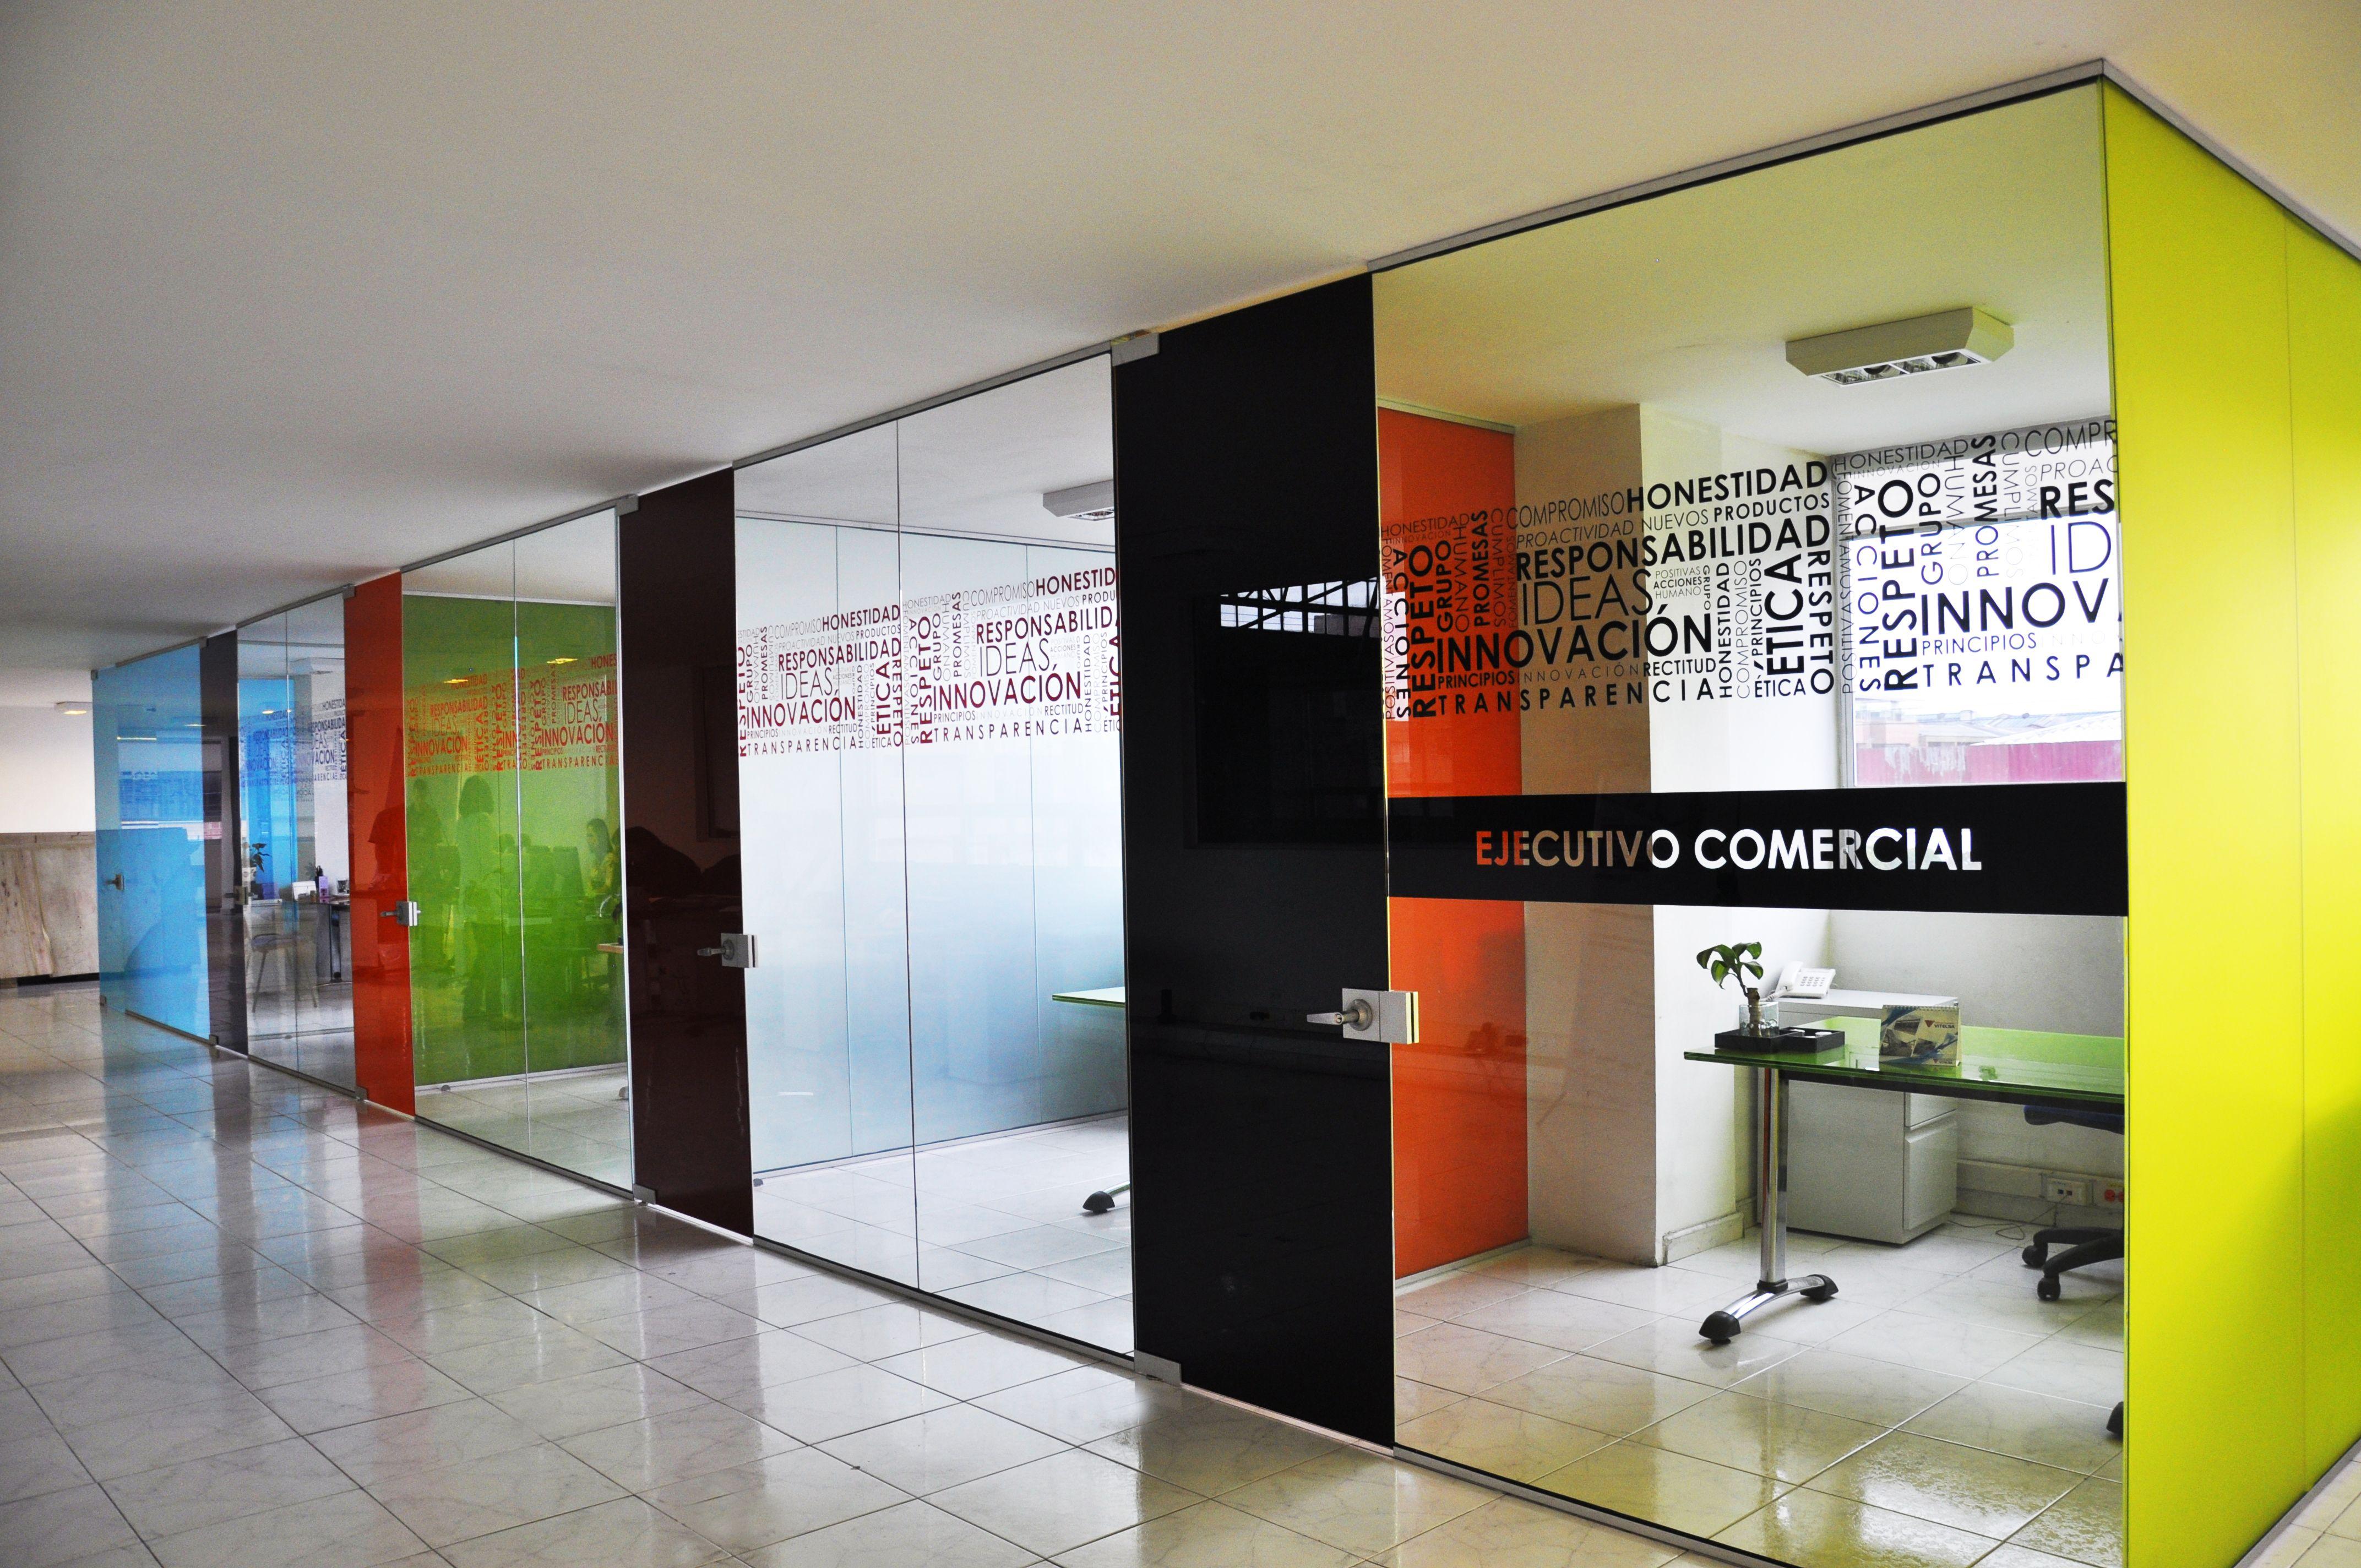 Divisiones de oficina piso techo o media altura con vidrios ...